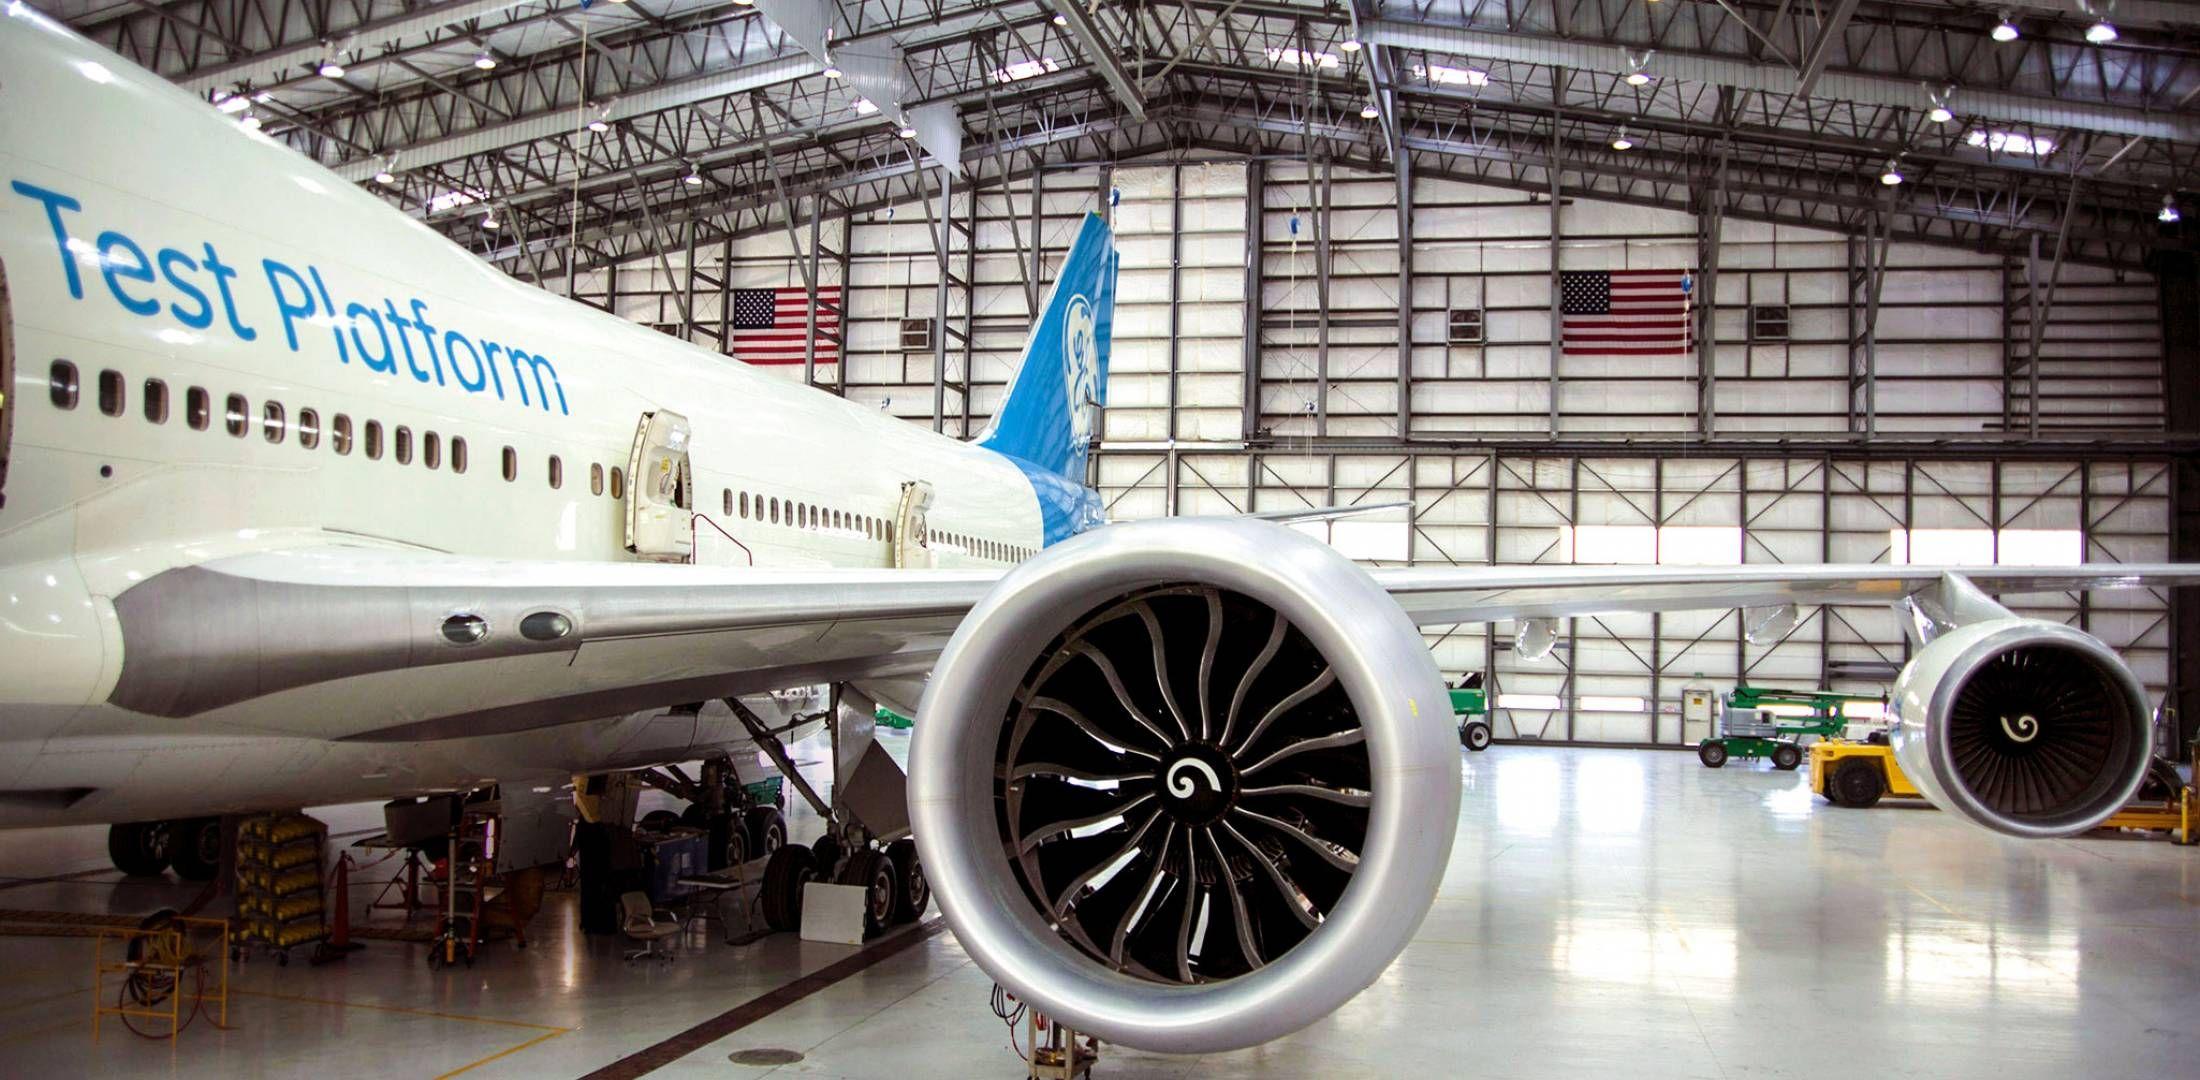 Как звучит крупнейший авиадвигатель в мире (видео)